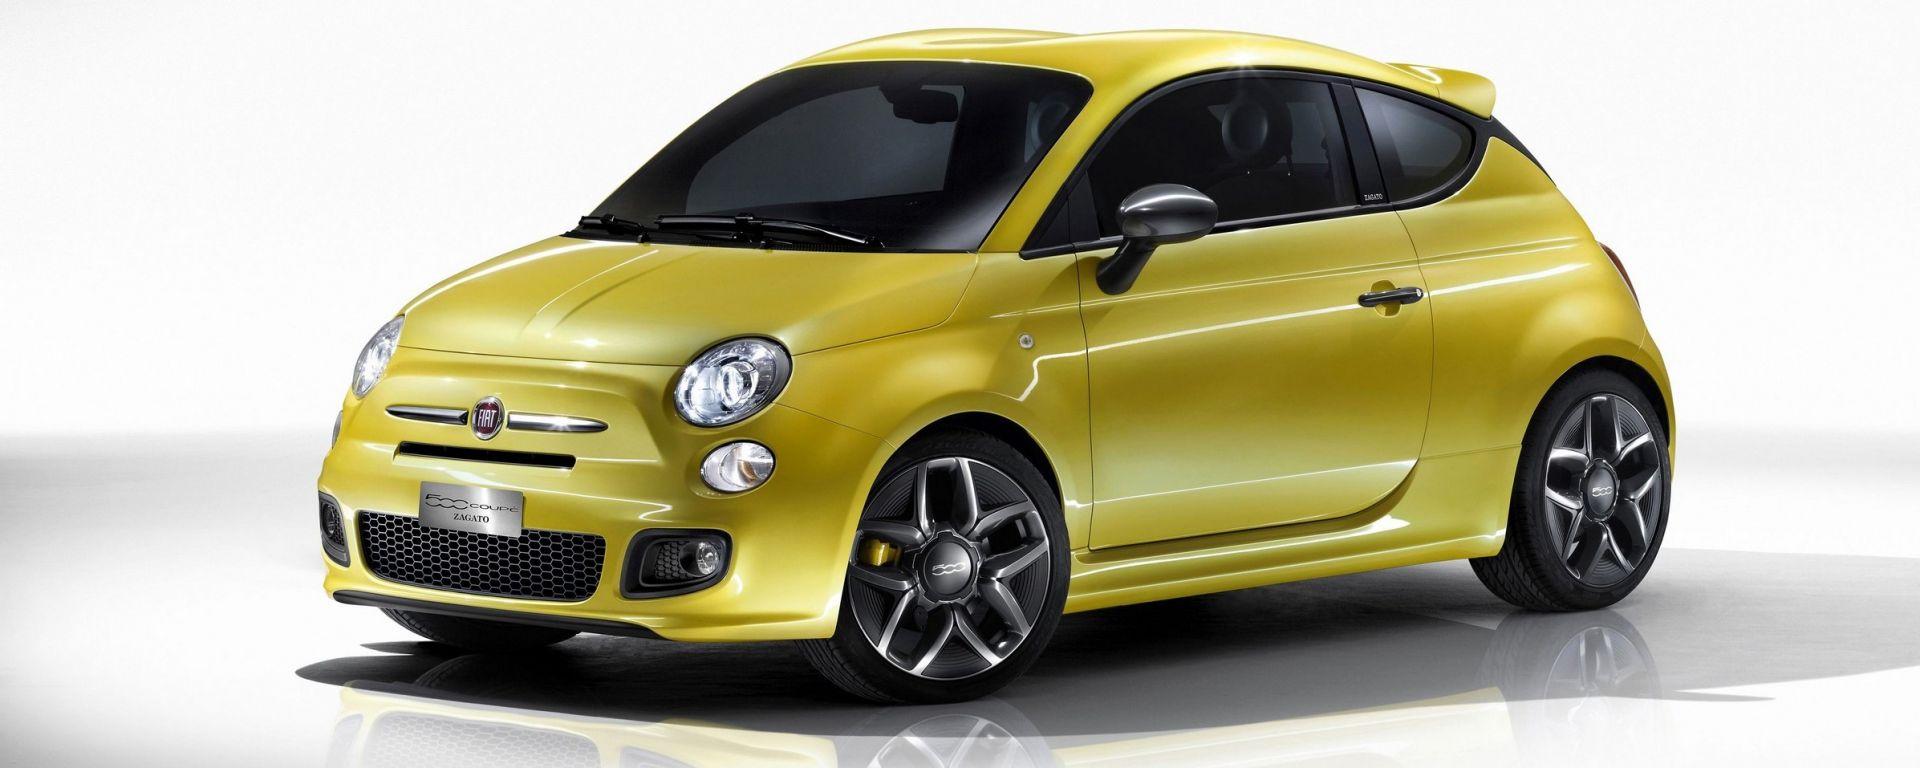 Nuova Fiat 500: made in Polonia o Mirafiori?